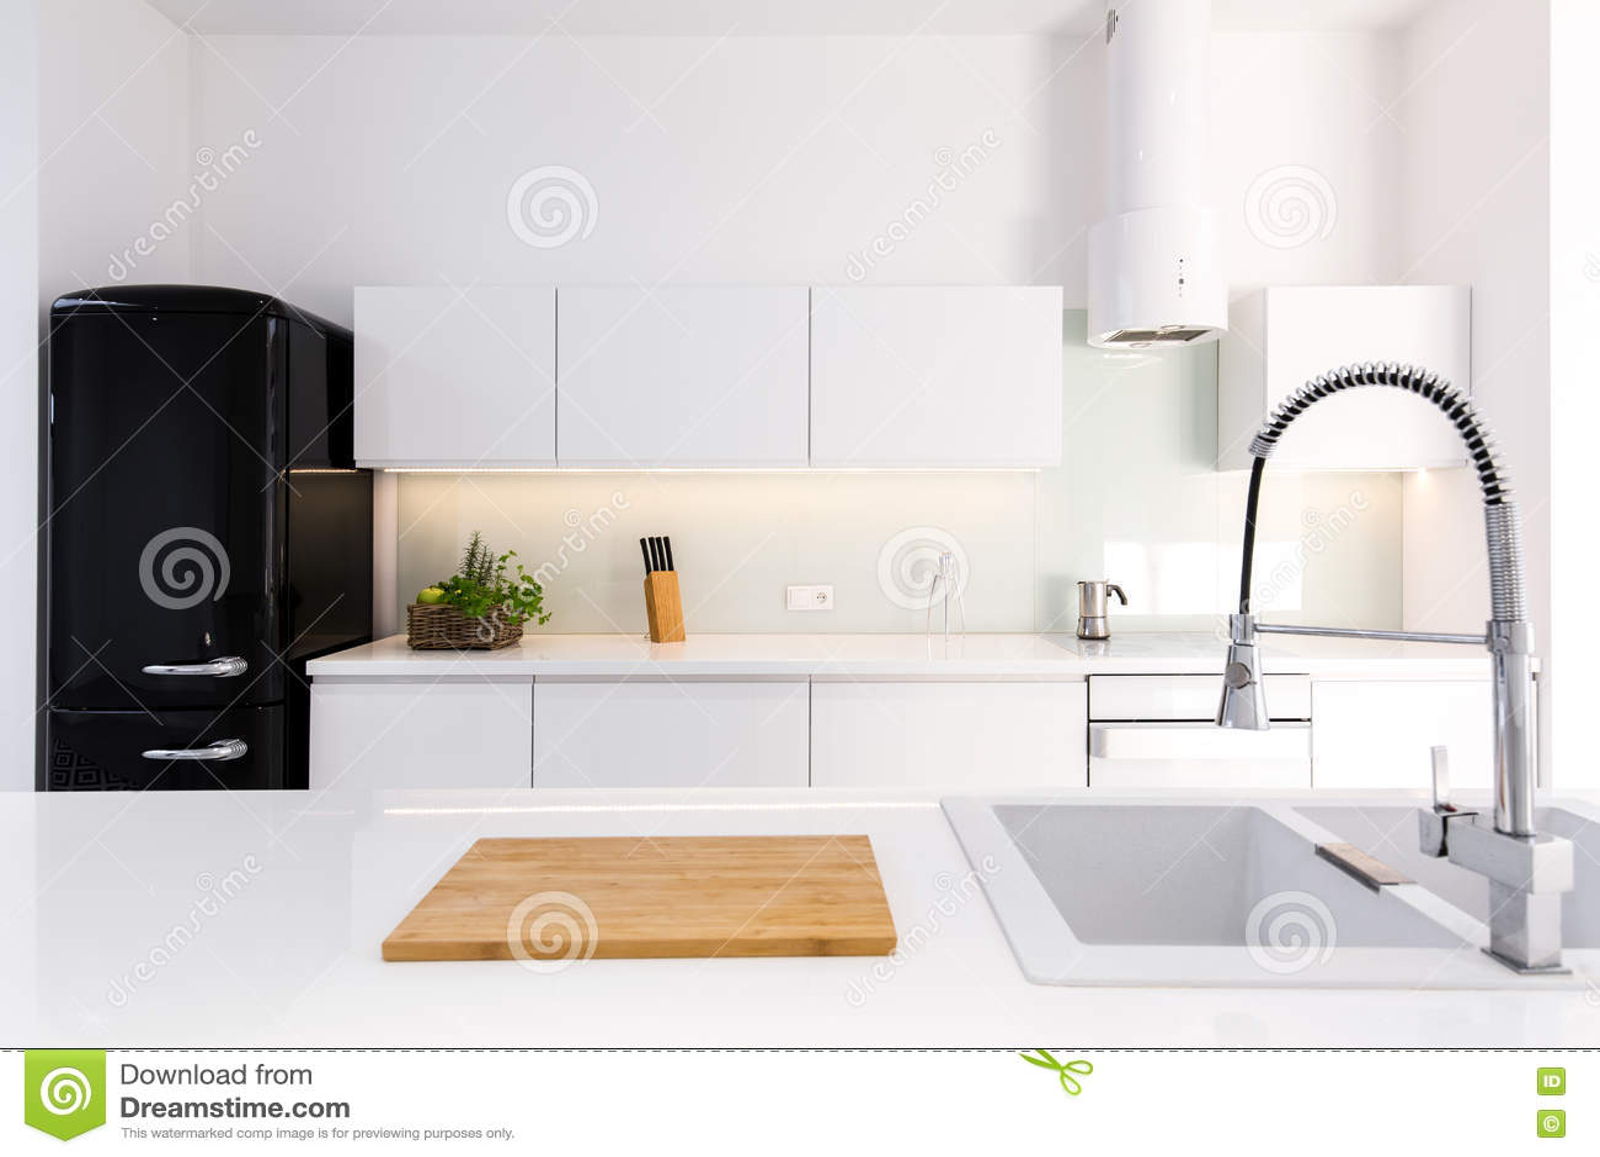 Küche Mit Retro Kühlschrank : Retro kühlschrank bringt stimmung und zauber in die küche mit